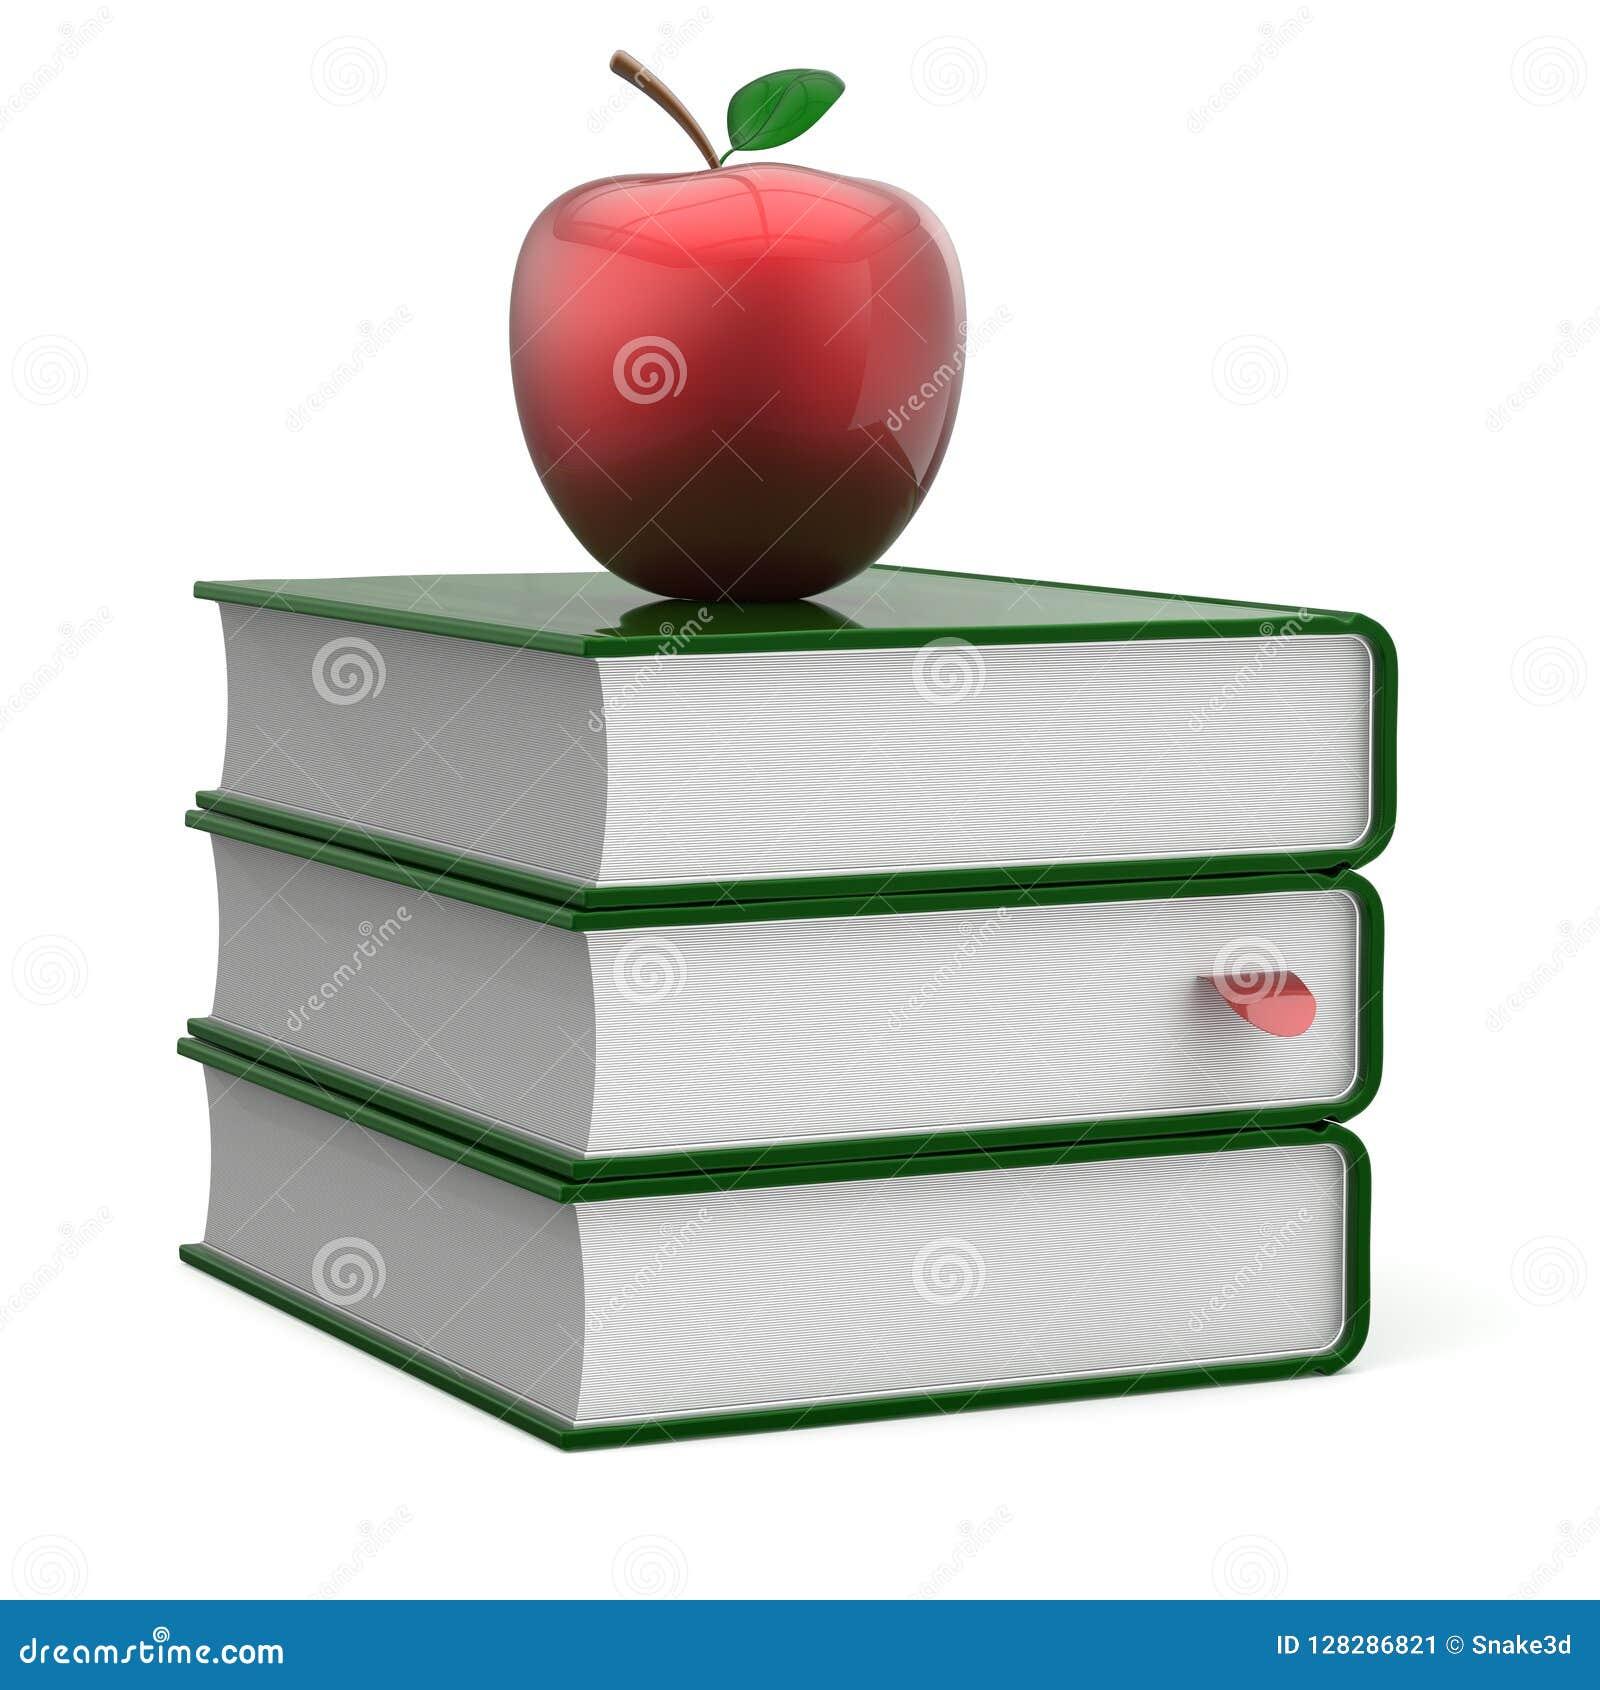 De stapel groene lege referentie van het boekenhandboek en rode appel